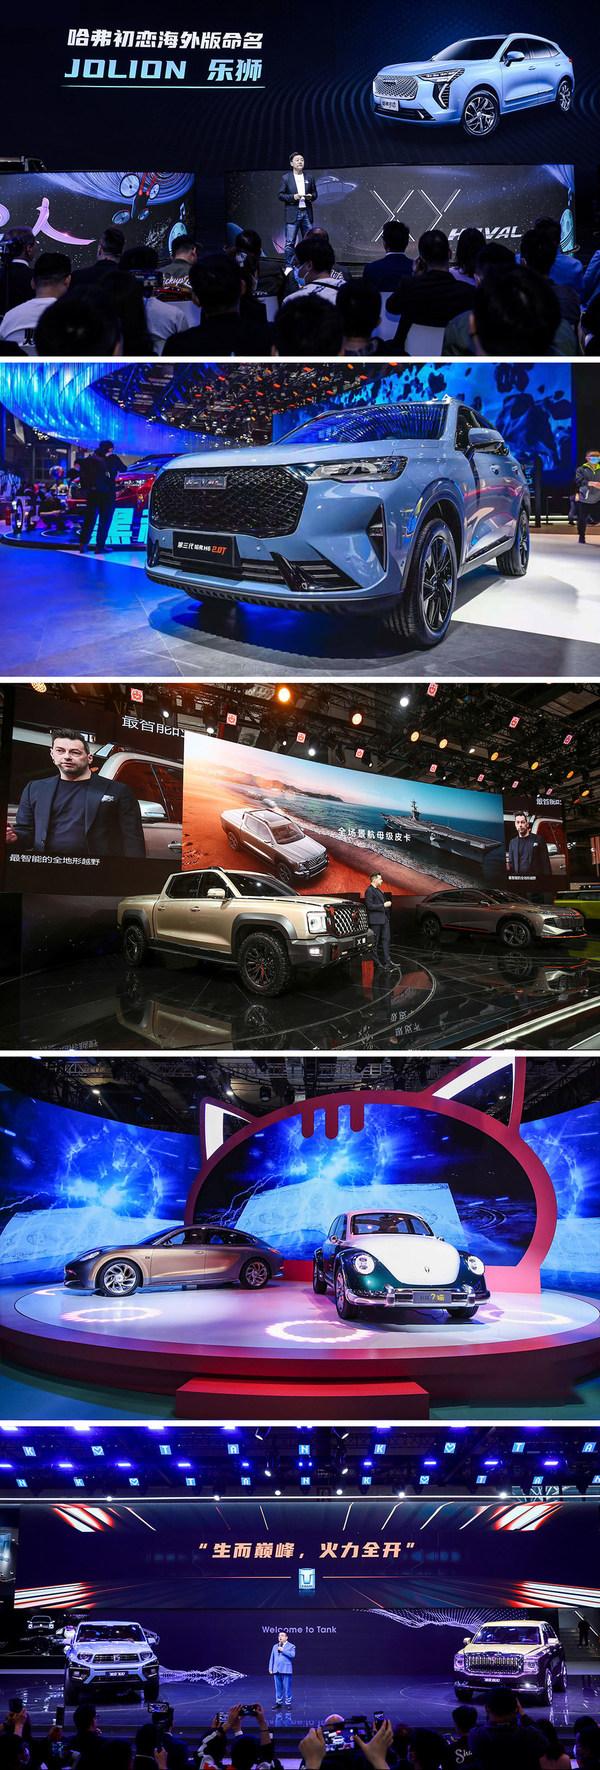 オート上海からのハイライト―GWMは5つのブランドで世界的な拡大を着実に進める